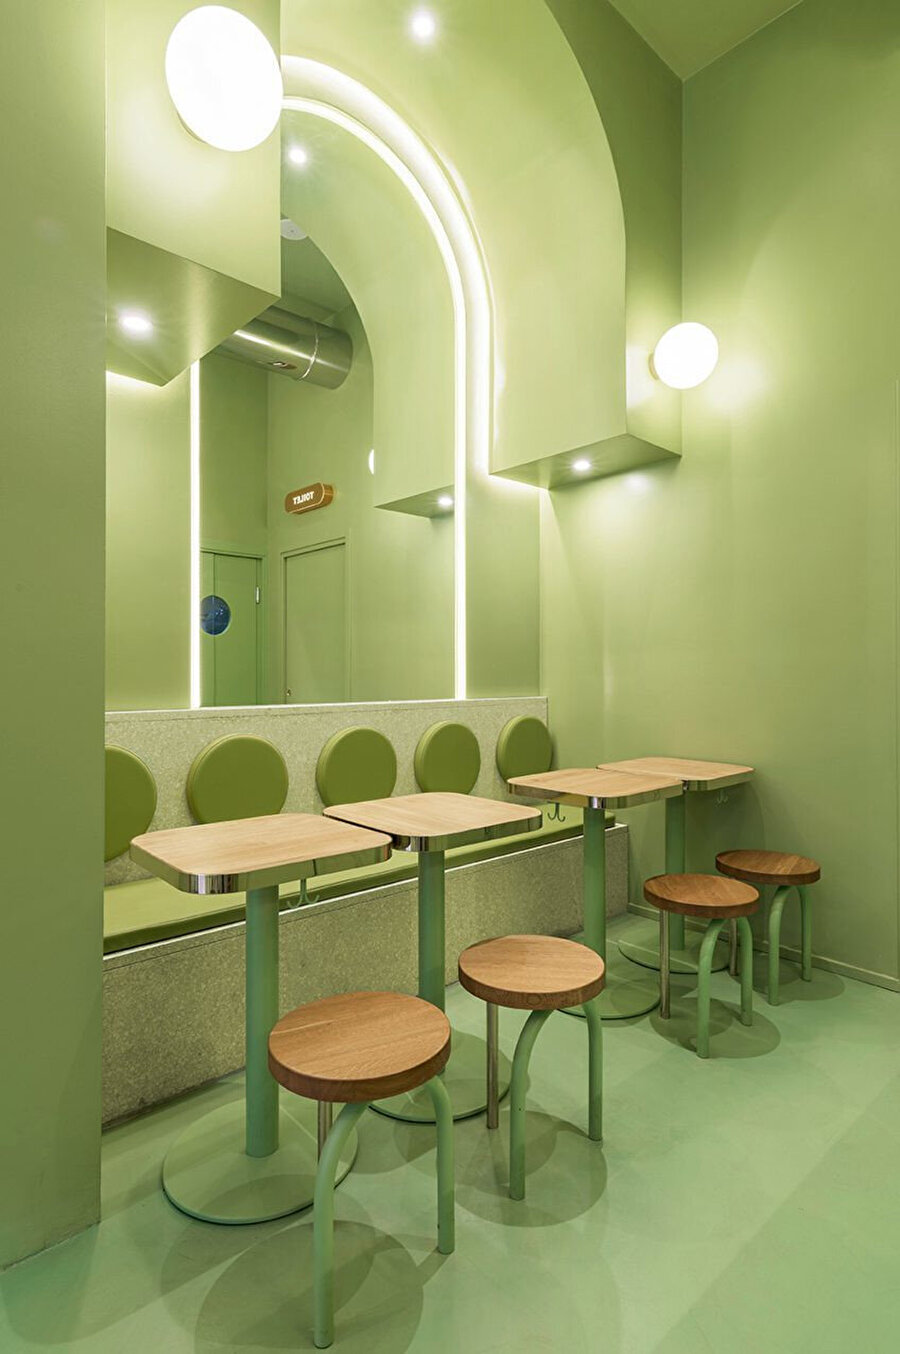 Restoran genelinde oturma alanları ve masalar ahşaptan yapılıyor.